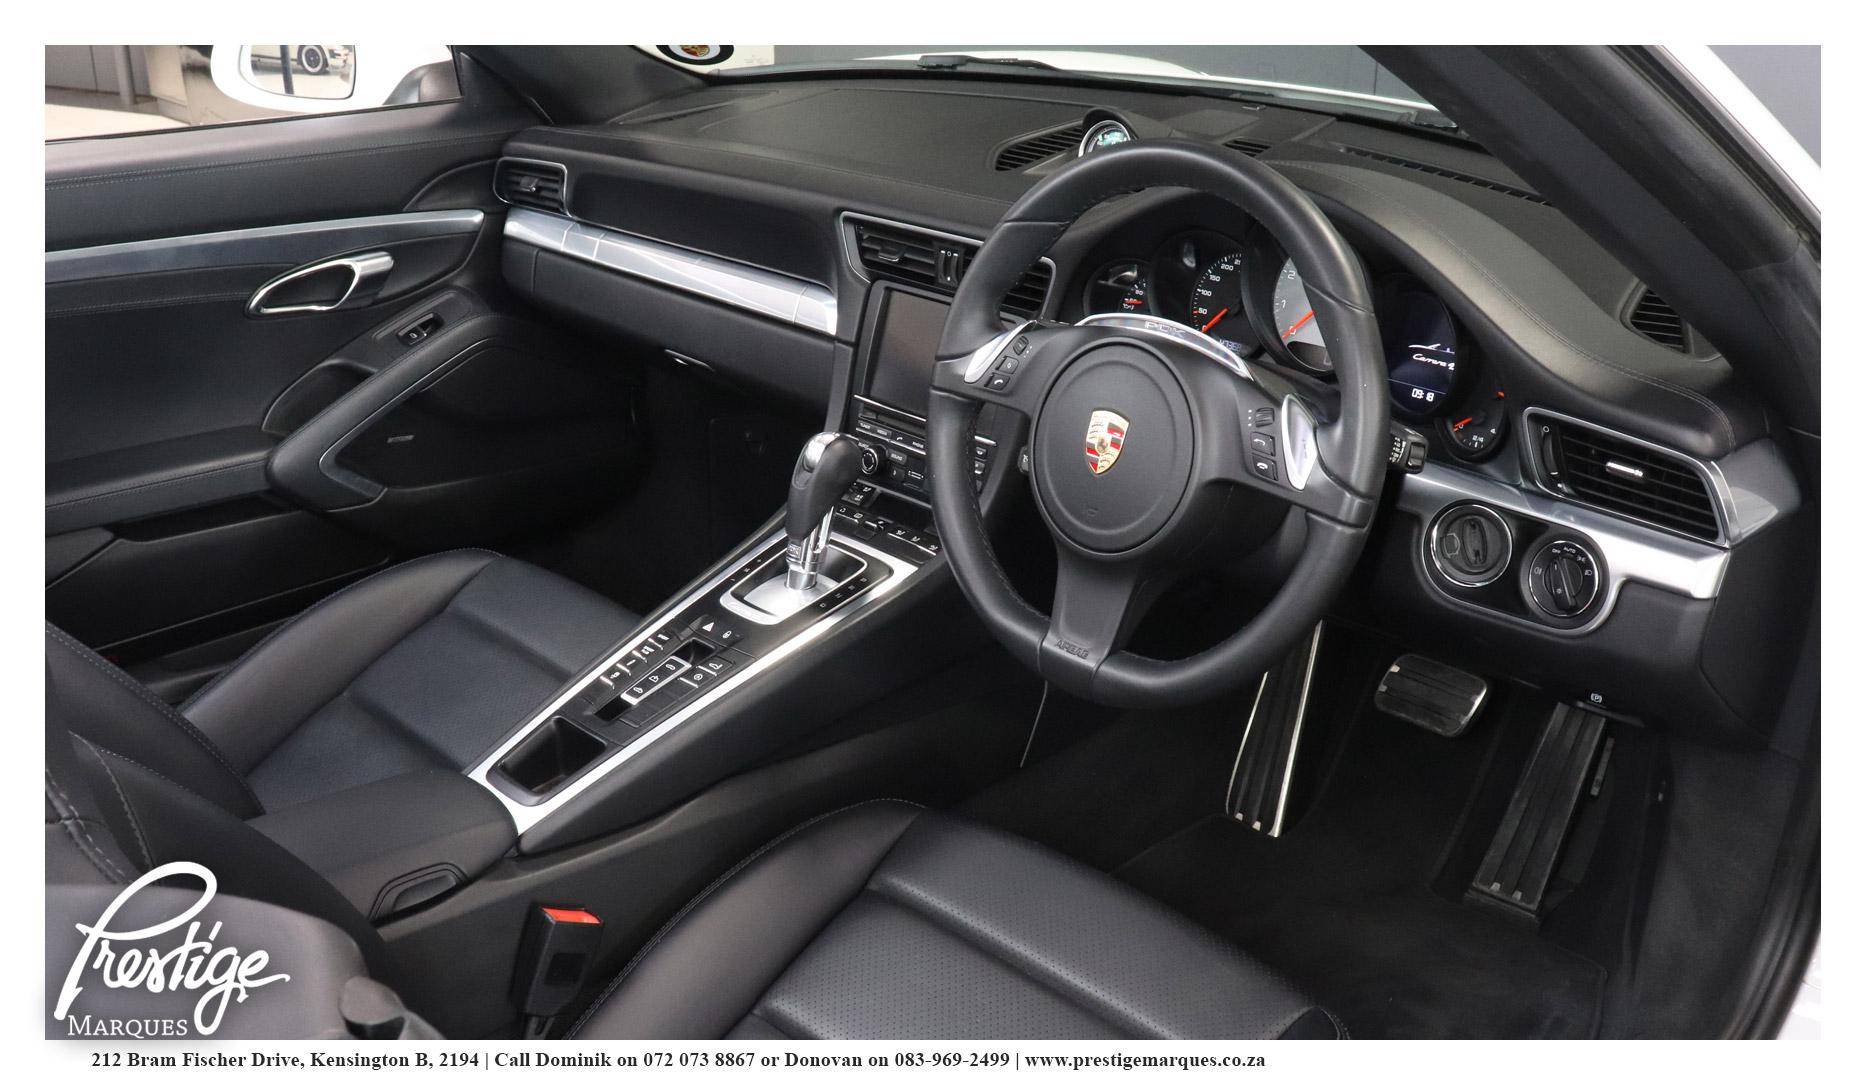 2013-Porsche-911-991-Carrera-4s-PDK-Cabriolet-Prestige-Marques-Randburg-Sandton-18